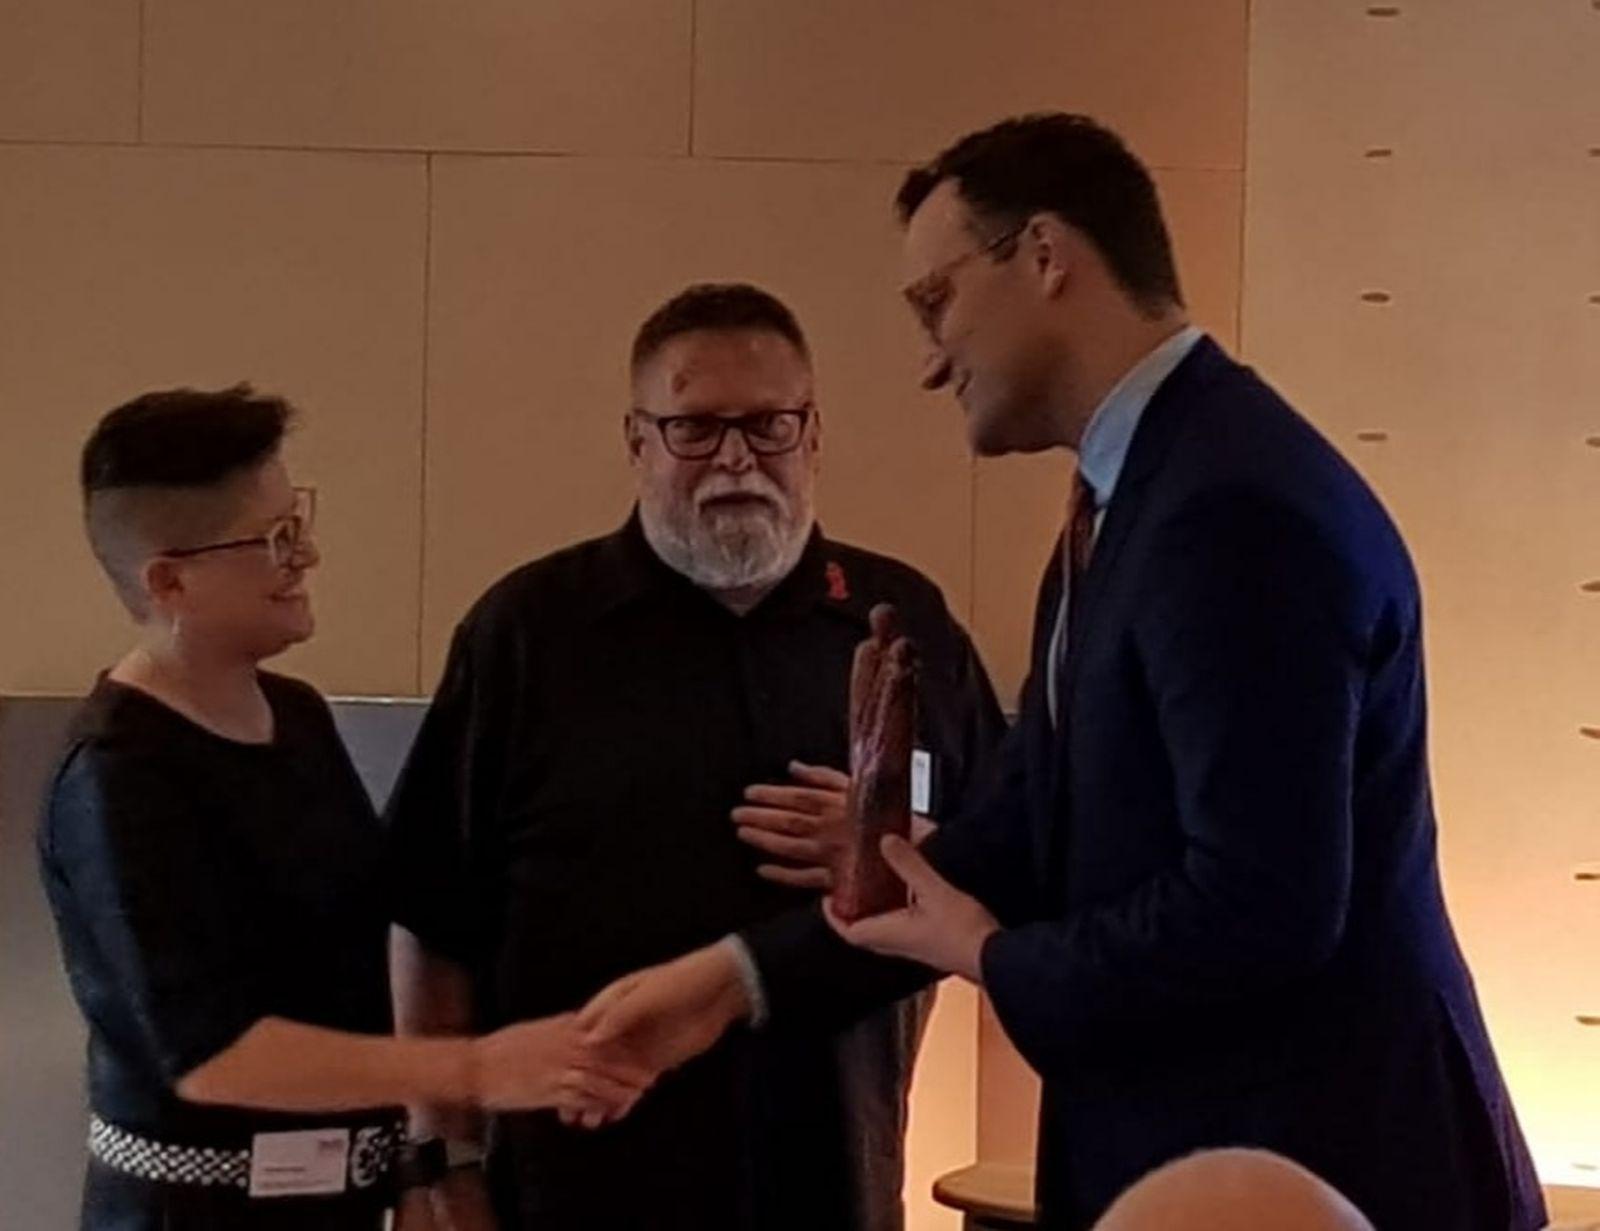 Claudia Krogul (stellv. Vorsitzende) gratuliert Minister Jens Spahn zum Lebensboten